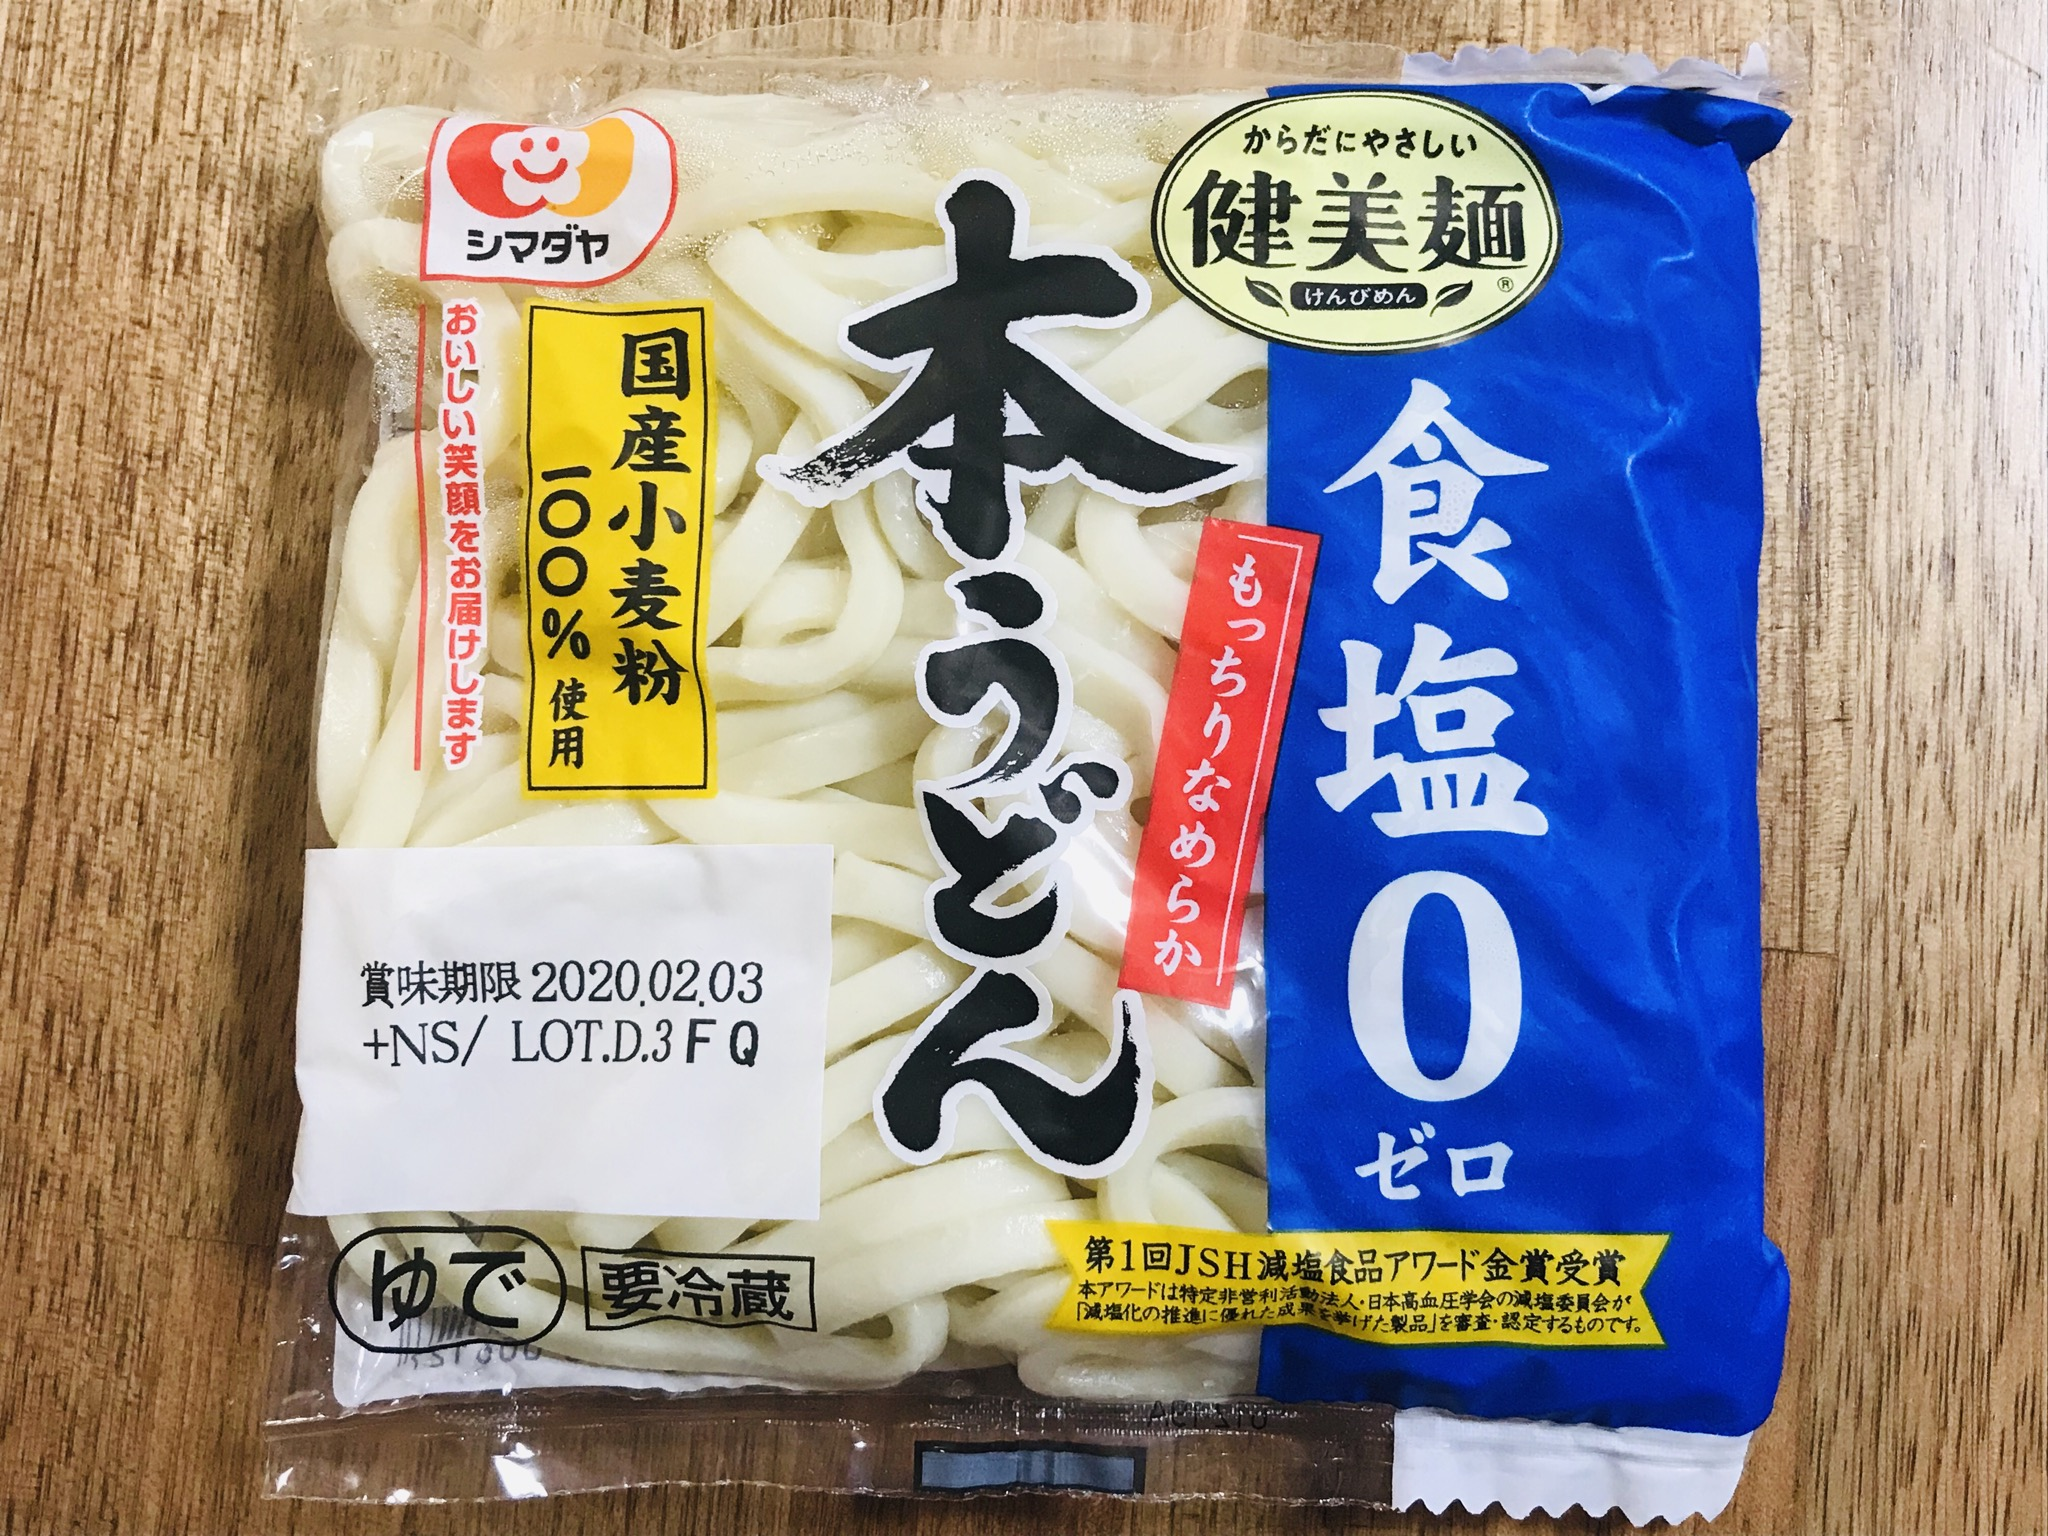 シマダヤの食塩不使用ゆで麺